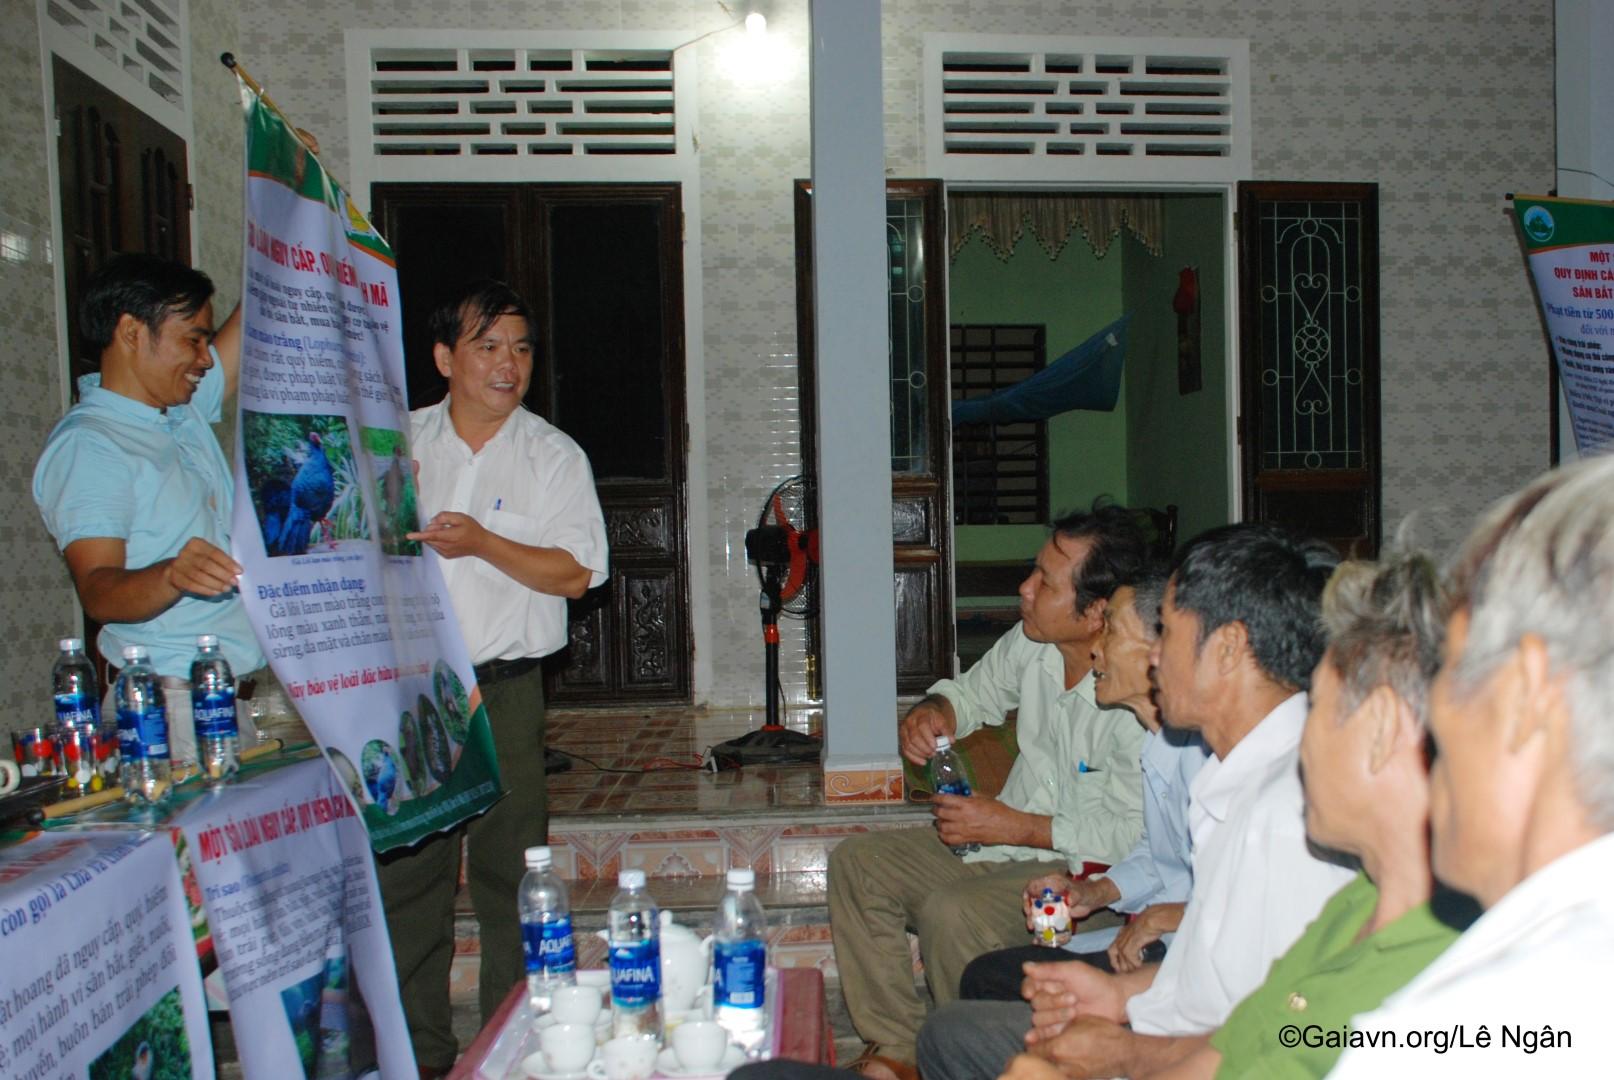 Vua chim, Ông Trương Cảm – Phó Giám đốc Trung tâm Giáo dục Môi trường và Dịch vụ-Vườn Quốc Gia Bạch Mã, nói chuyện với người dân về bảo vệ chim rừng.